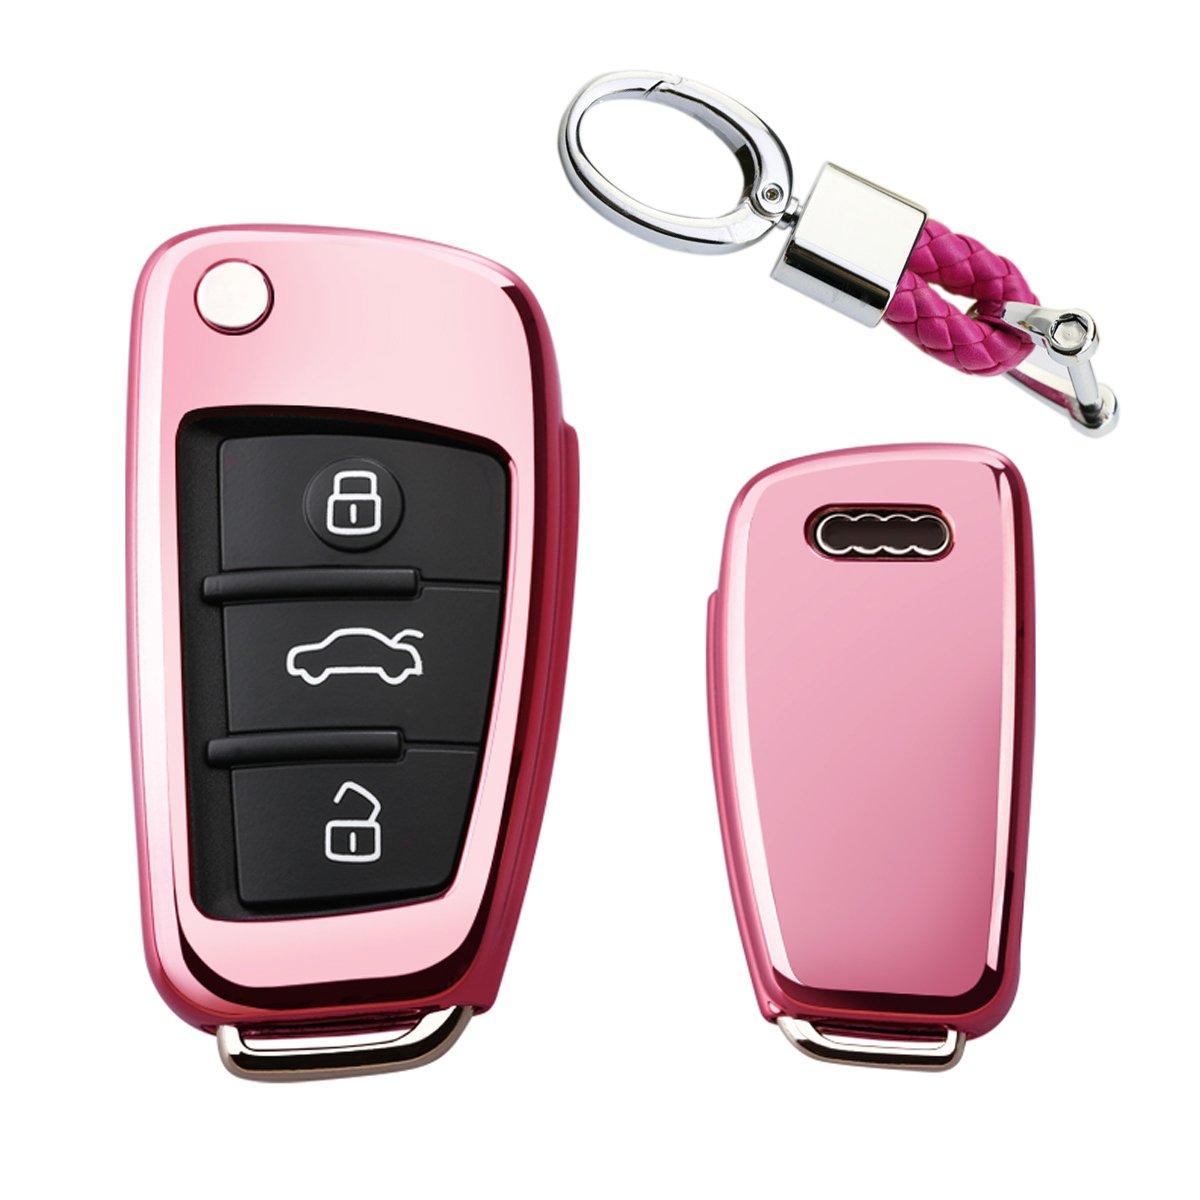 カイゼンキーレスエントリーリモートキーFobカバーソフトTPUケースwithダイヤモンドタッセルキーチェーンfor Audi a3 q3 q7 a1 s3 a6l 3ボタンフリップキー key cover+braided cord keychain ピンク TPUKC046 B07CNNTLLY key cover+braided cord keychain ピンク ピンク key cover+braided cord keychain